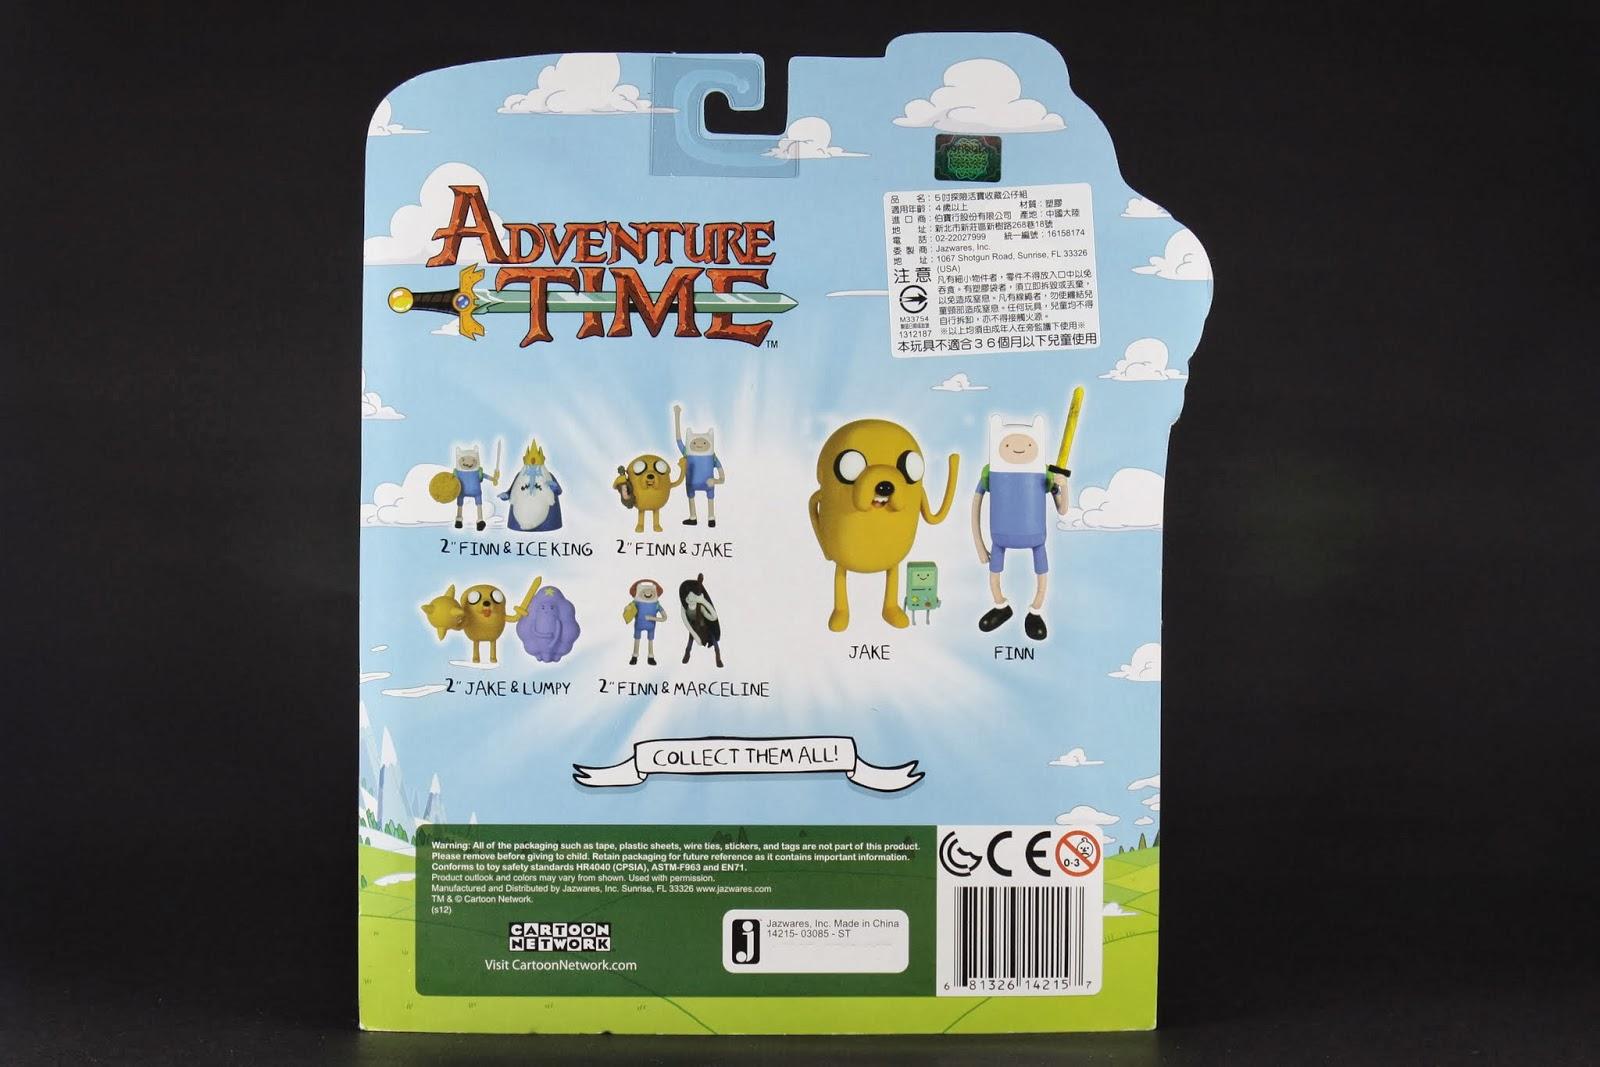 後面是系列玩具廣告 兩吋的塗裝很慘